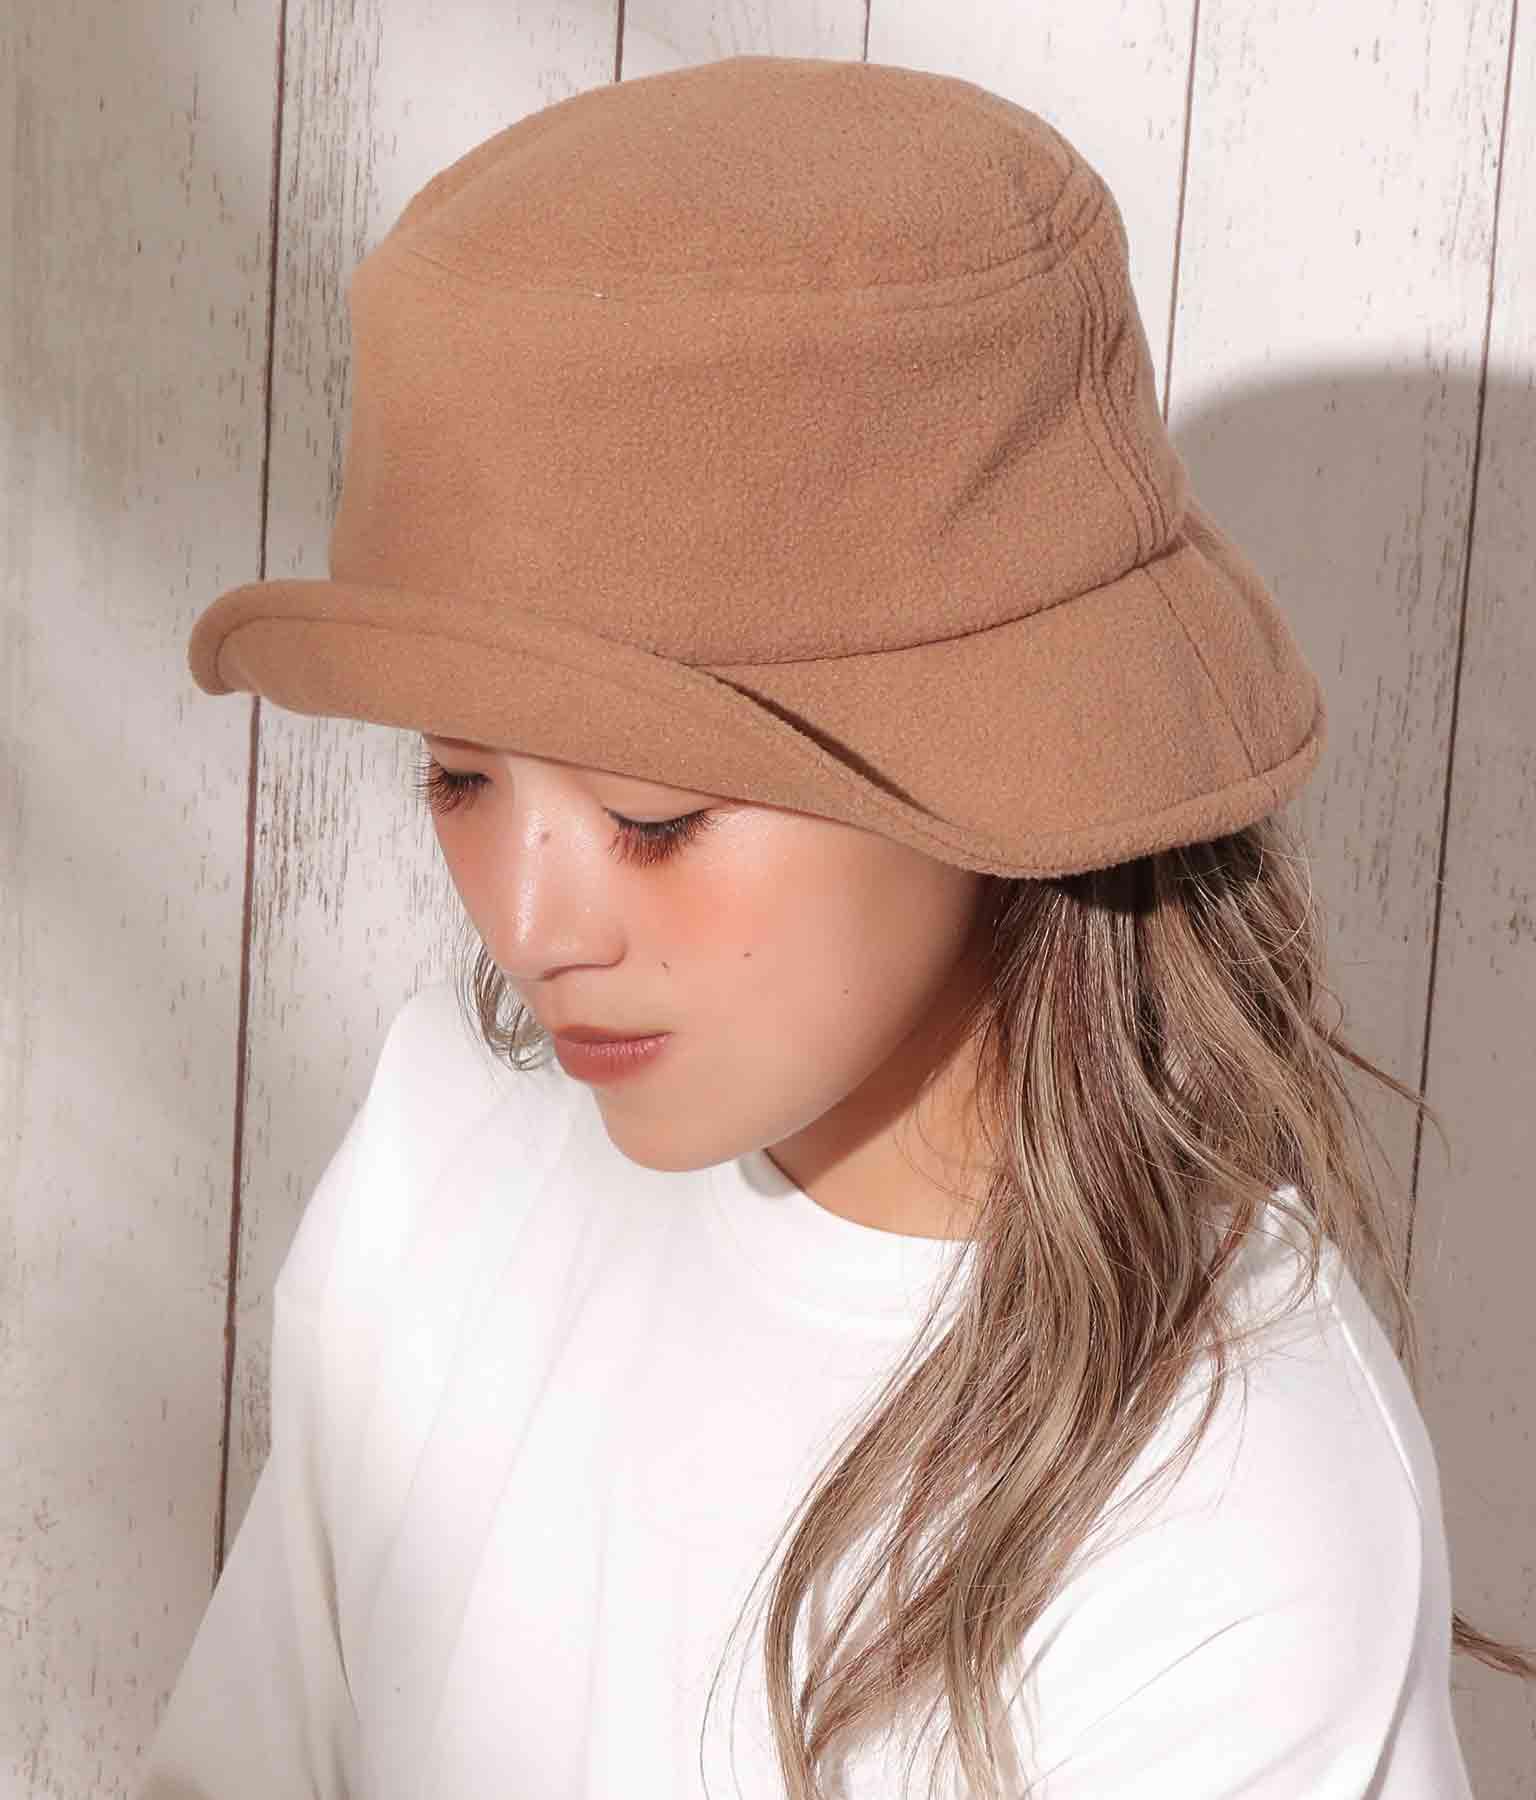 フリース素材バケットハット(ファッション雑貨/ハット・キャップ・ニット帽 ・キャスケット・ベレー帽)   anap mimpi